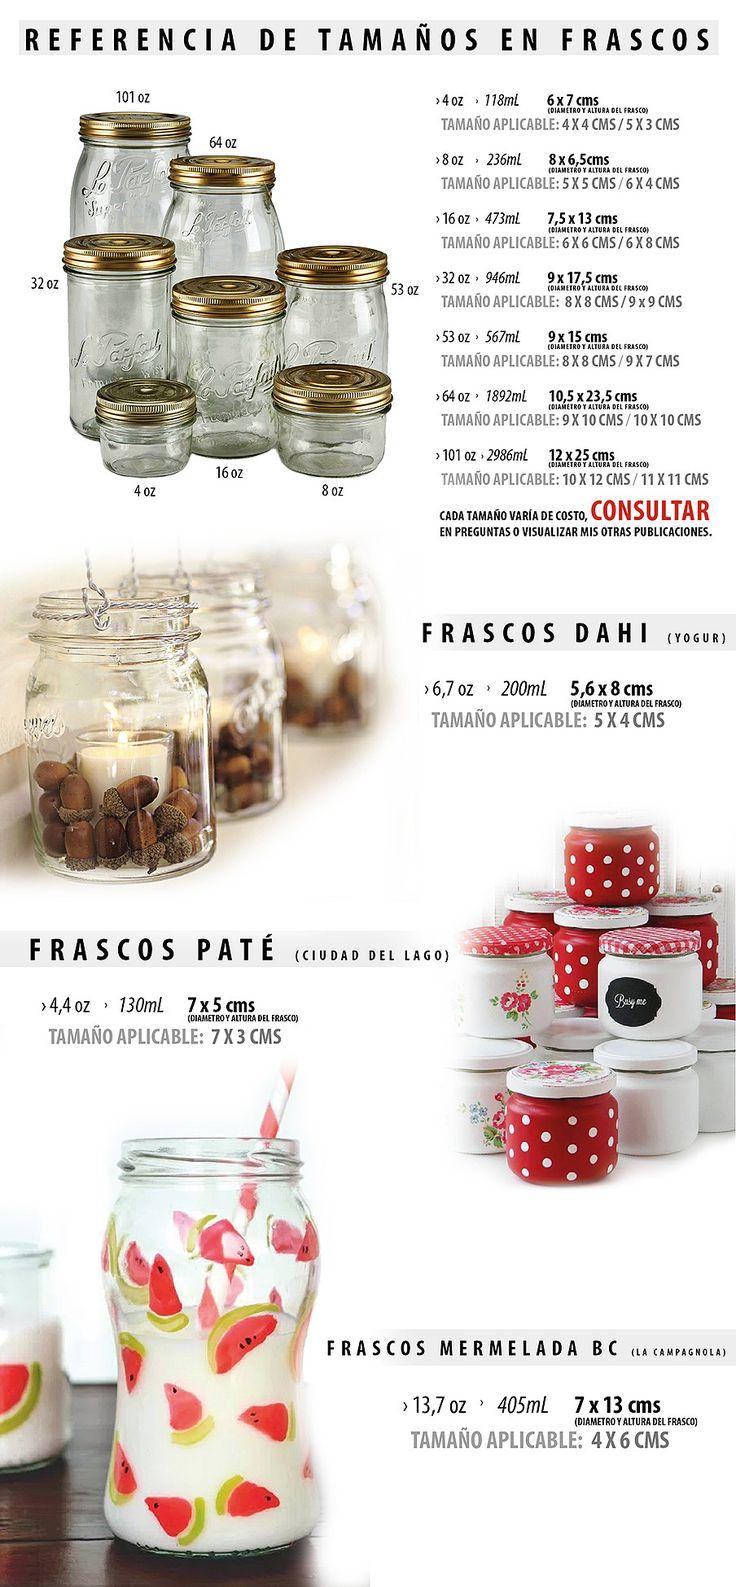 Etiquetas Autoadhesivas Para Frascos - $ 75,00 en Mercado Libre